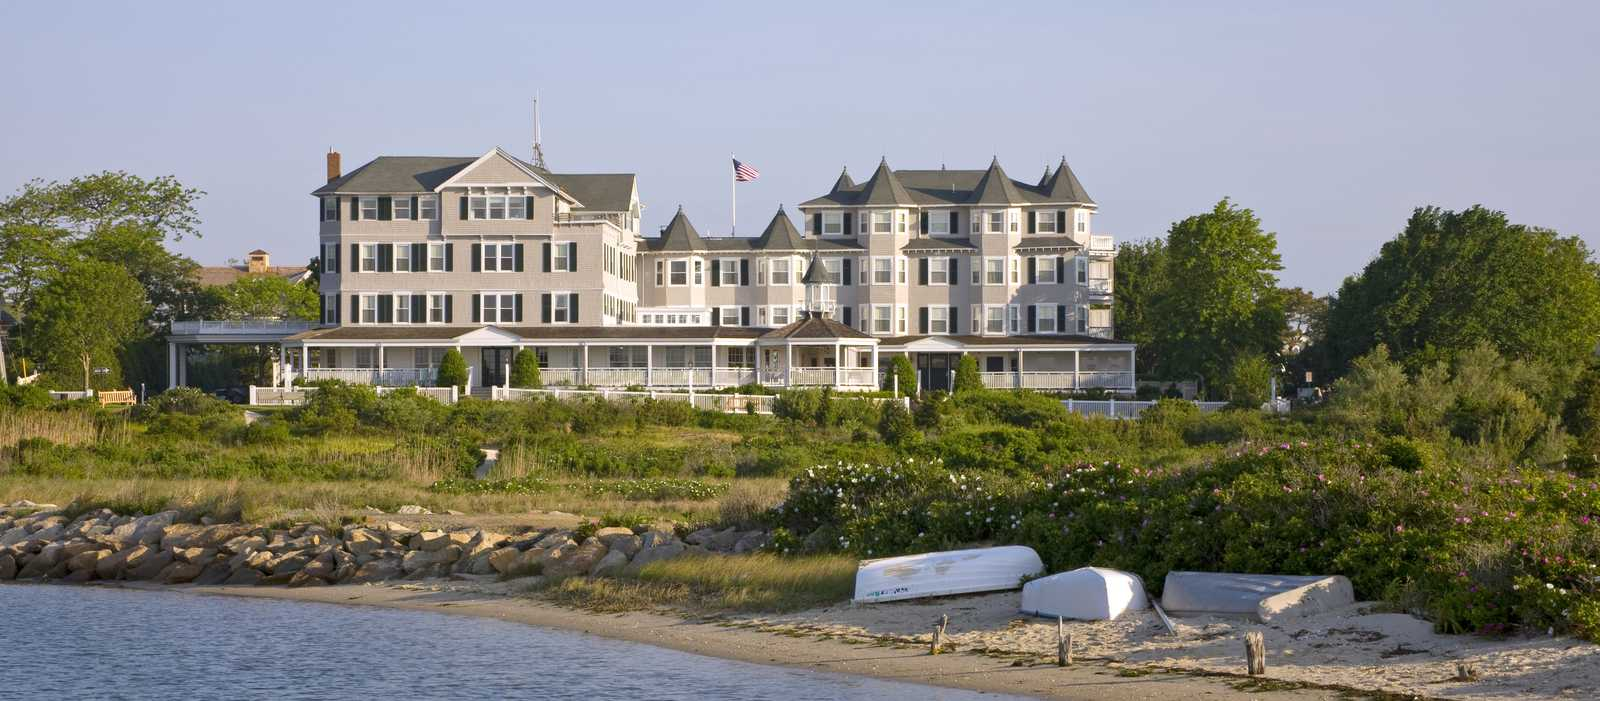 Impressionen Harbor View Hotel